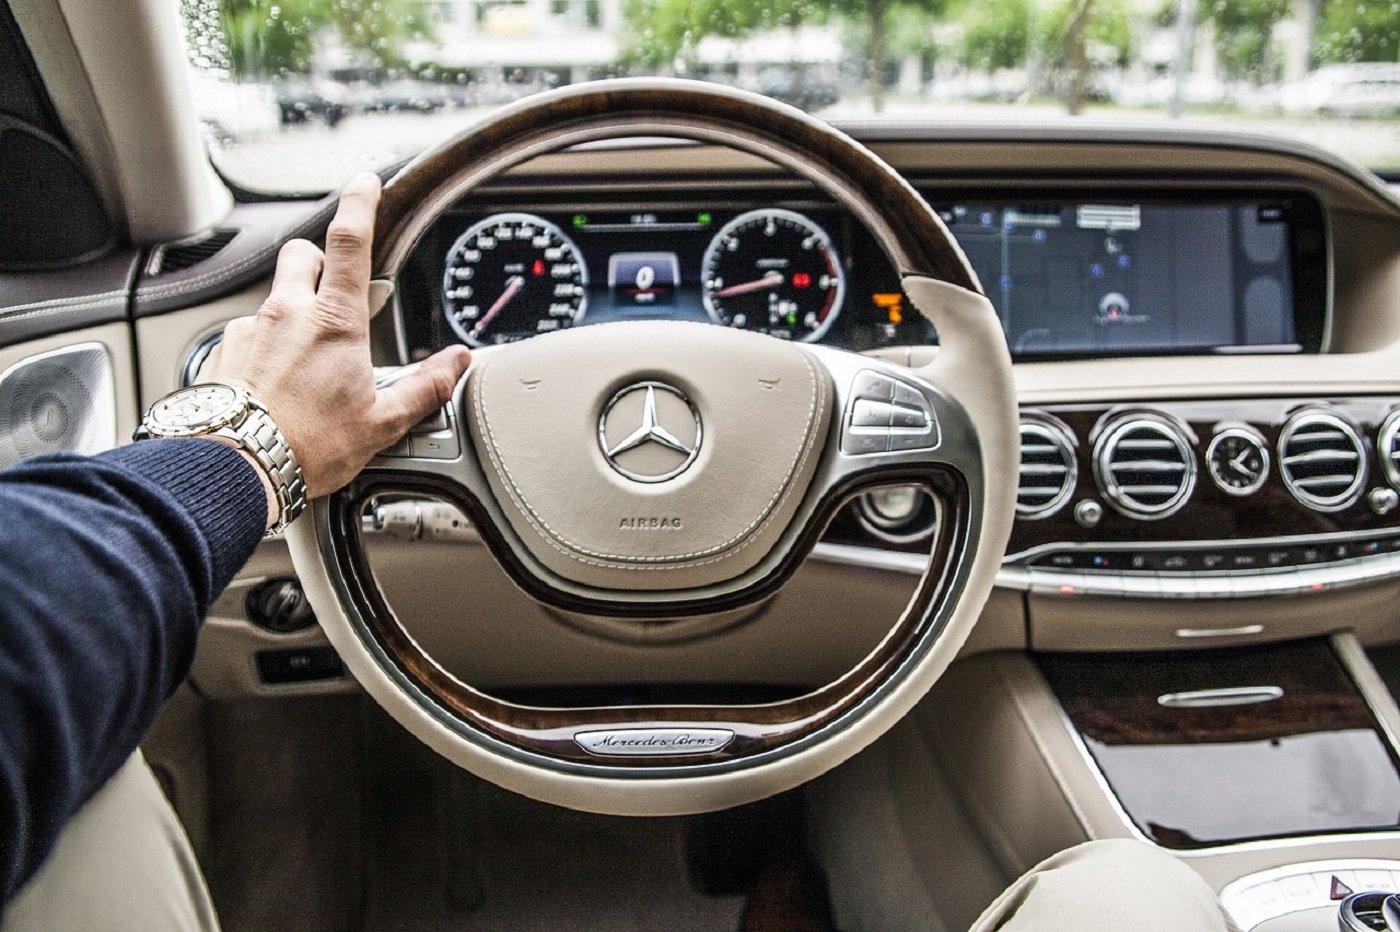 Daimler stoppe le développement de moteurs thermiques, pour se focaliser sur l'électrique